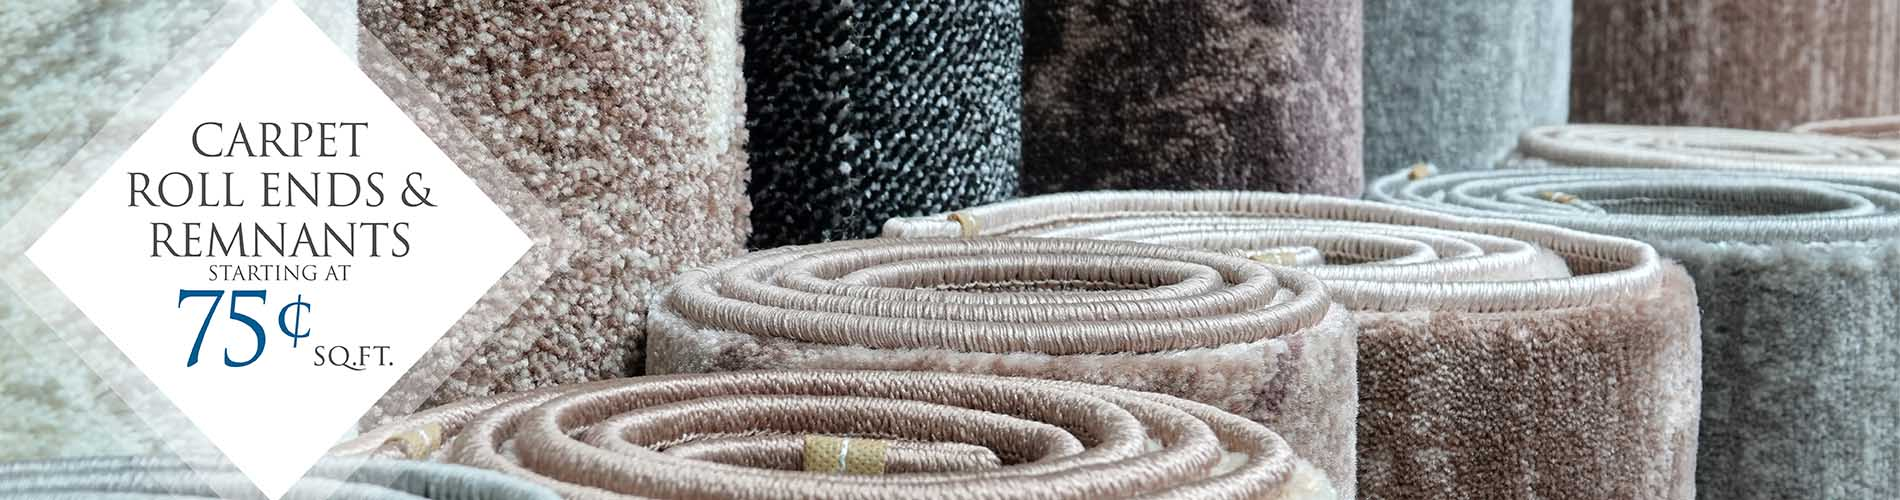 Carpet Roll Ends & Remnants 75¢ Sq. Ft.